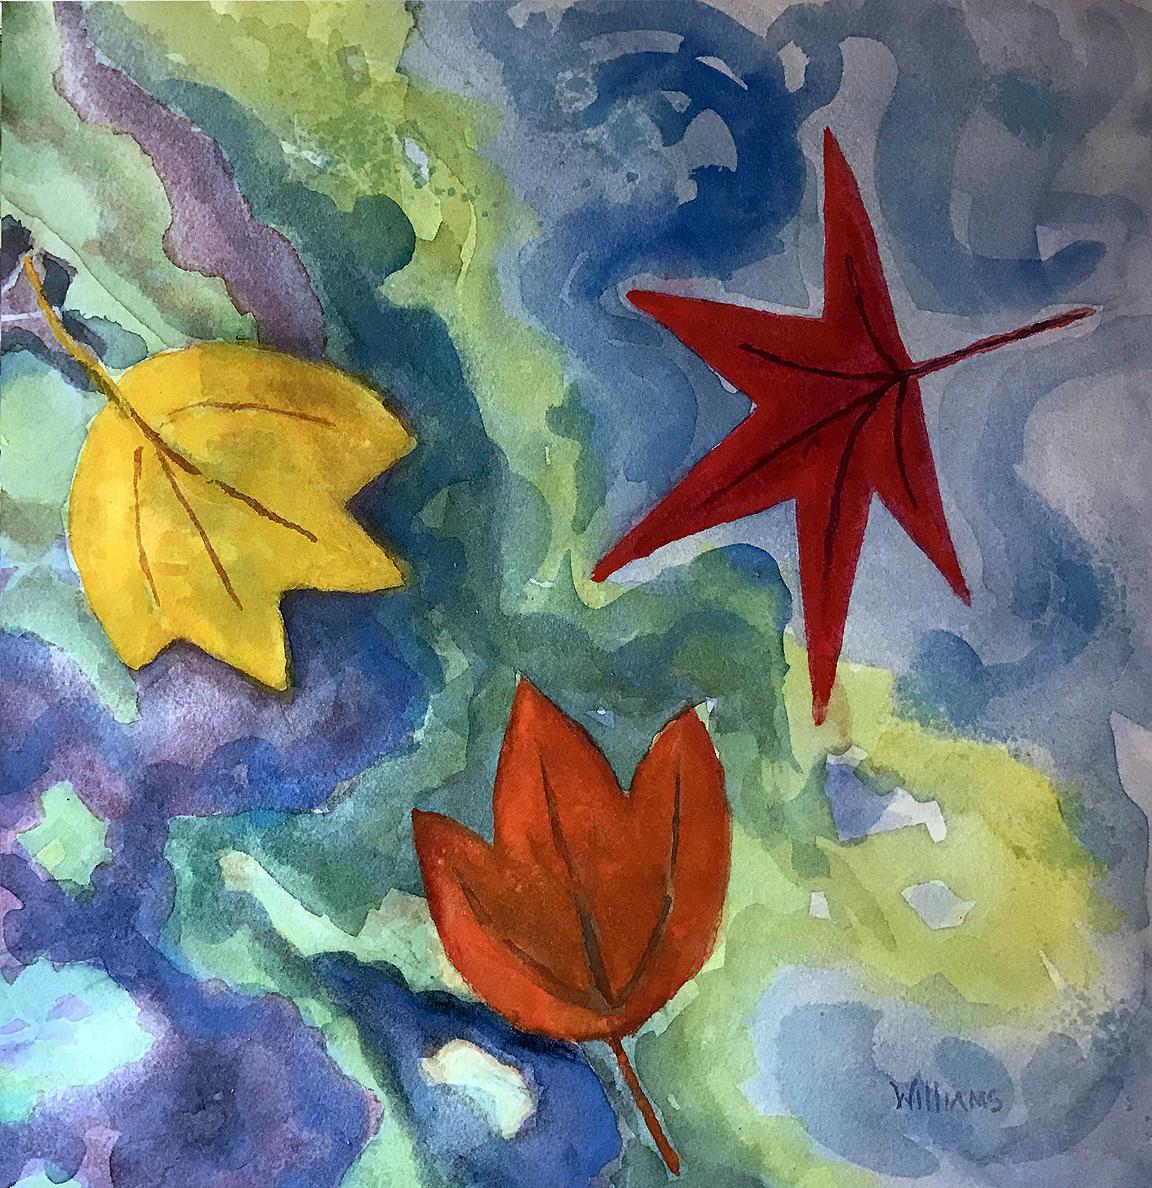 Leaves, Nancy Williams